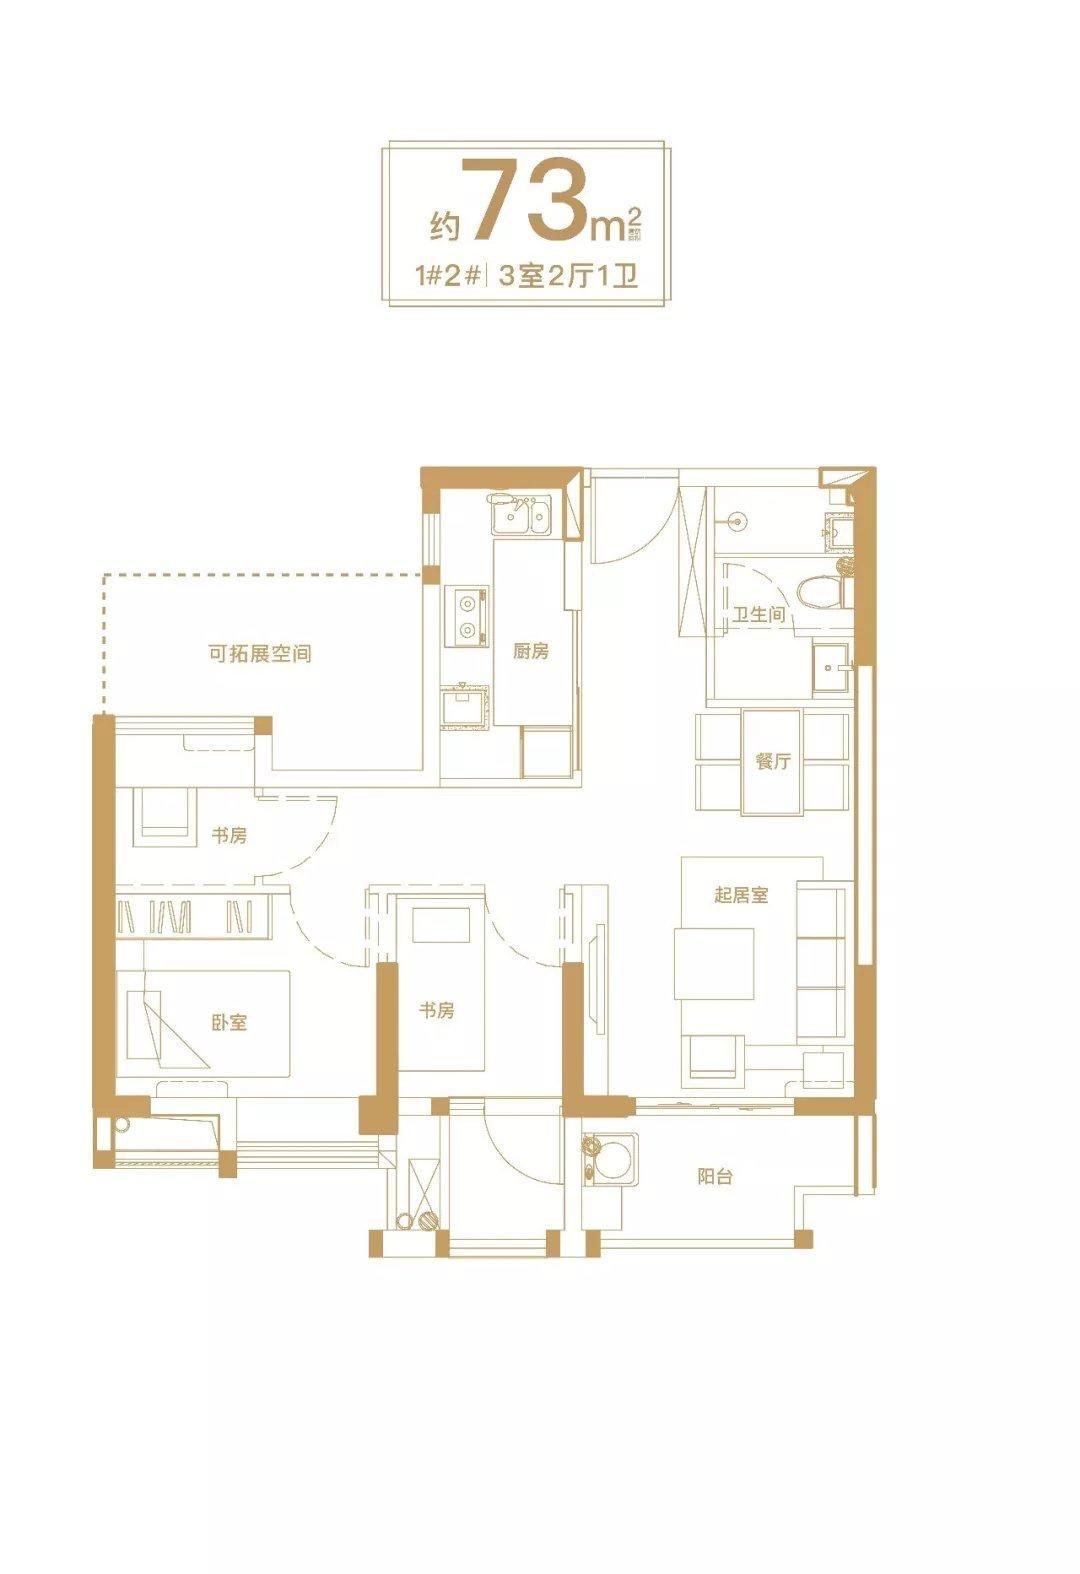 建面73m²(3室2厅1卫).webp